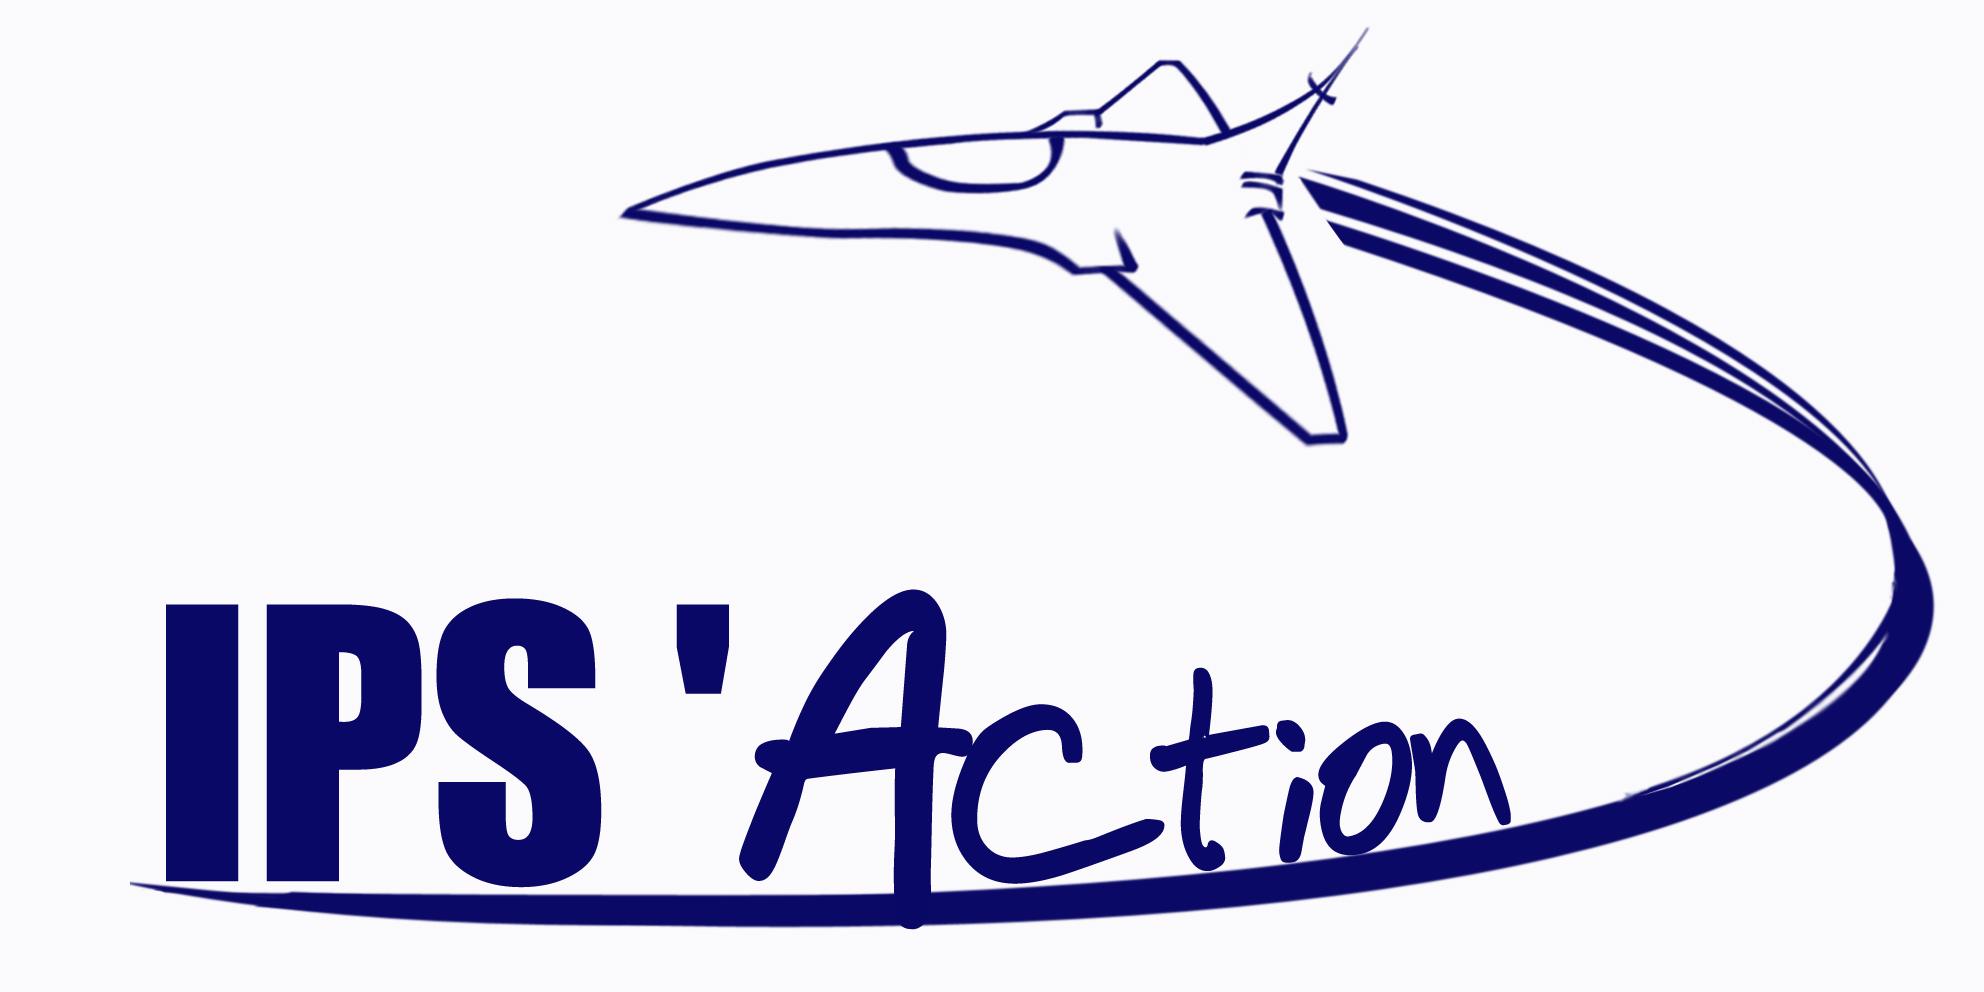 logo ipsaction